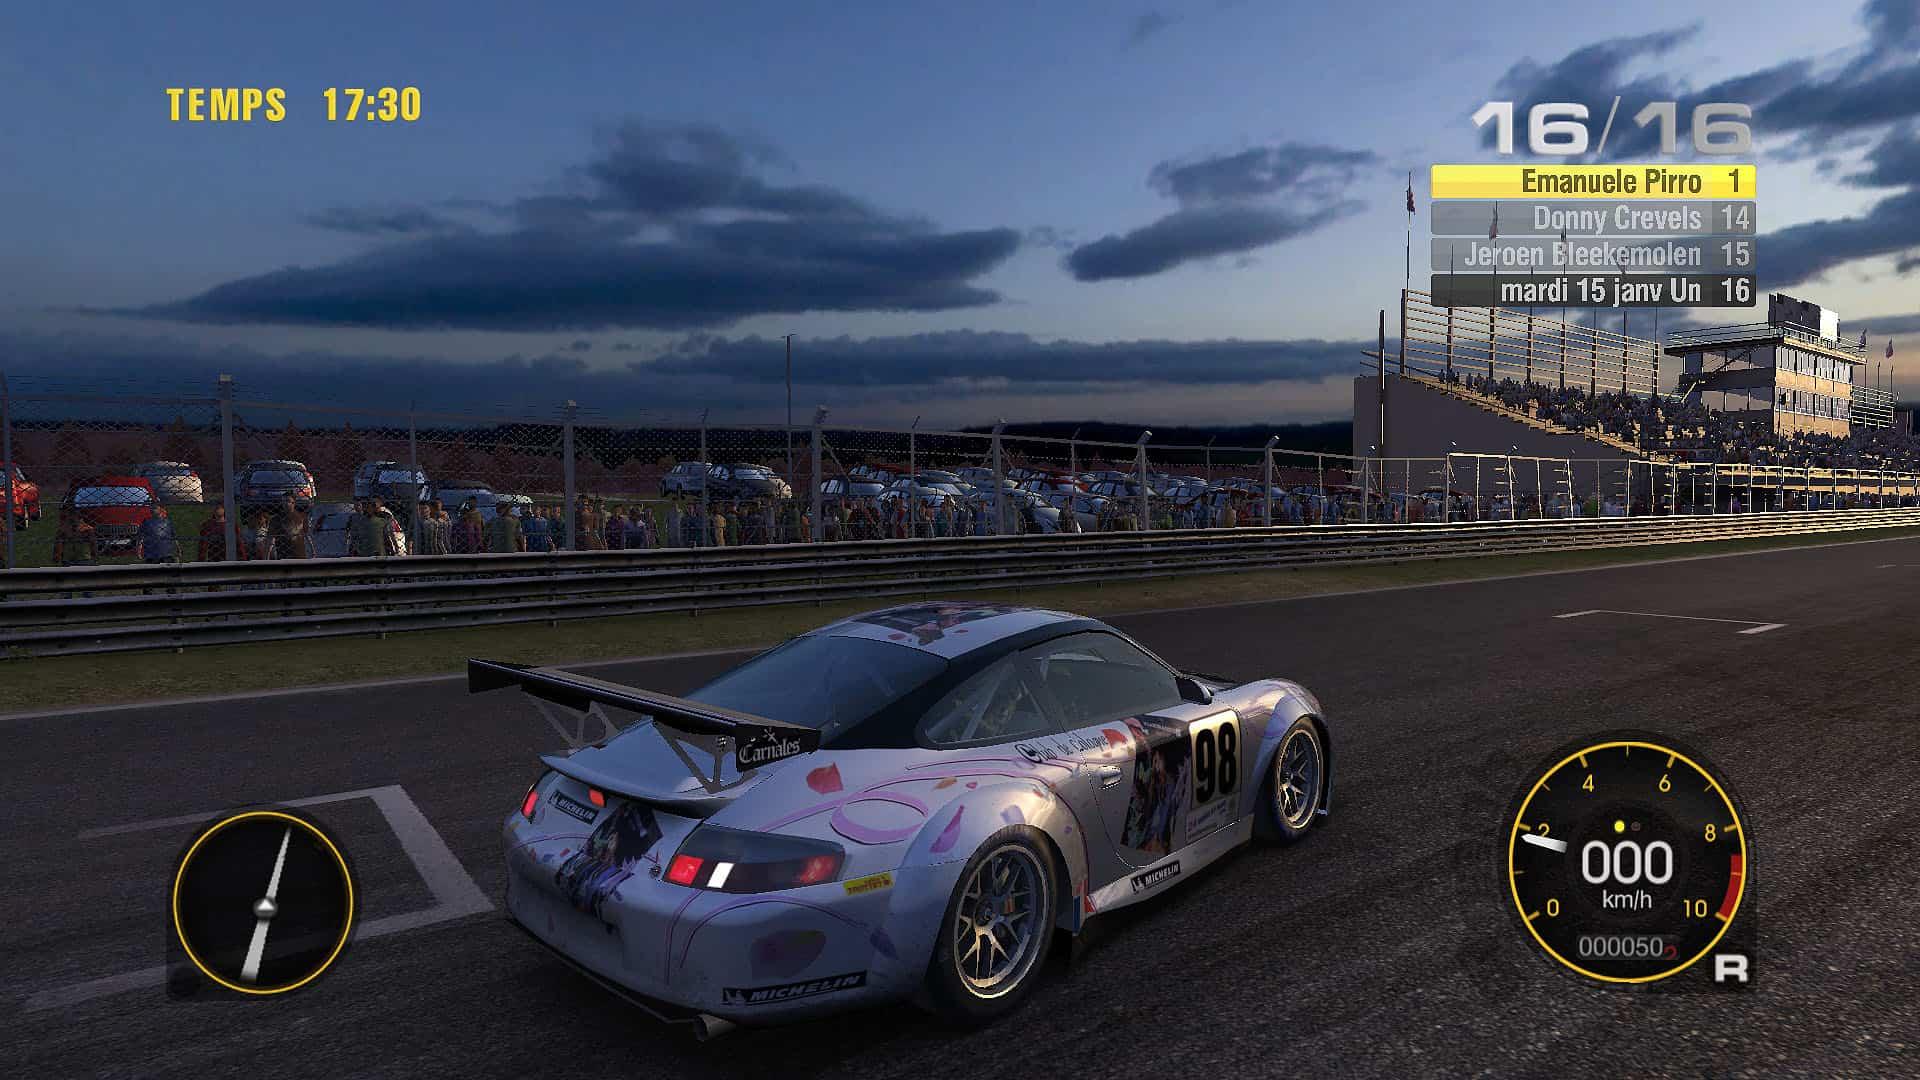 Jeu De Voiture De Course Sur Circuit - Course Automobile concernant Un Jeu De Voiture De Course